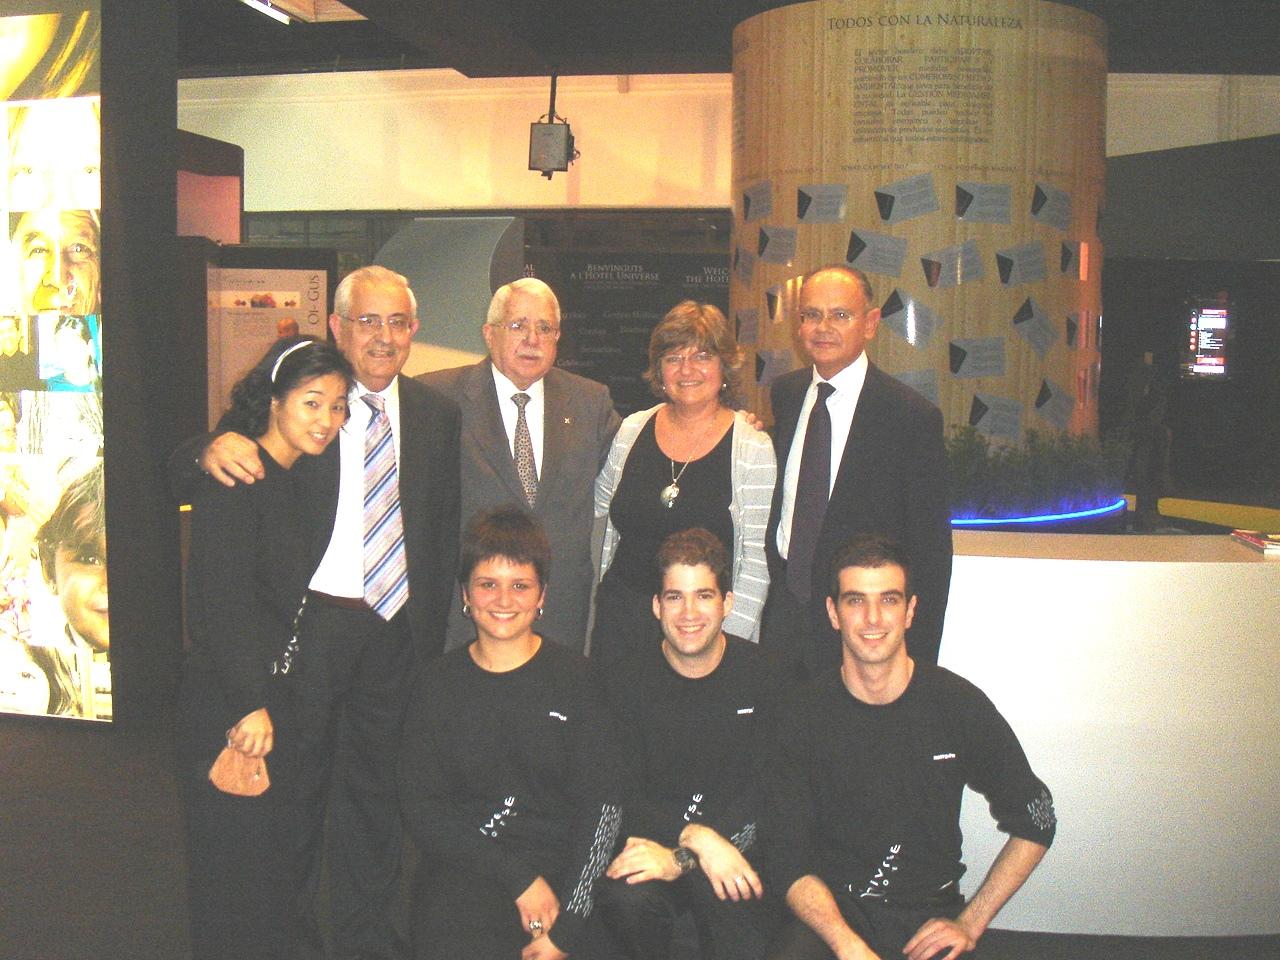 Jesús Mora Mas, Jordi Roure (Presidente Felac y Hostelco 2008), Jesús Felipe Gallego, Vilma Sarraff y el equipo de colaboradores de «HOTEL UNIVERSE» en HOSTELCO 2008